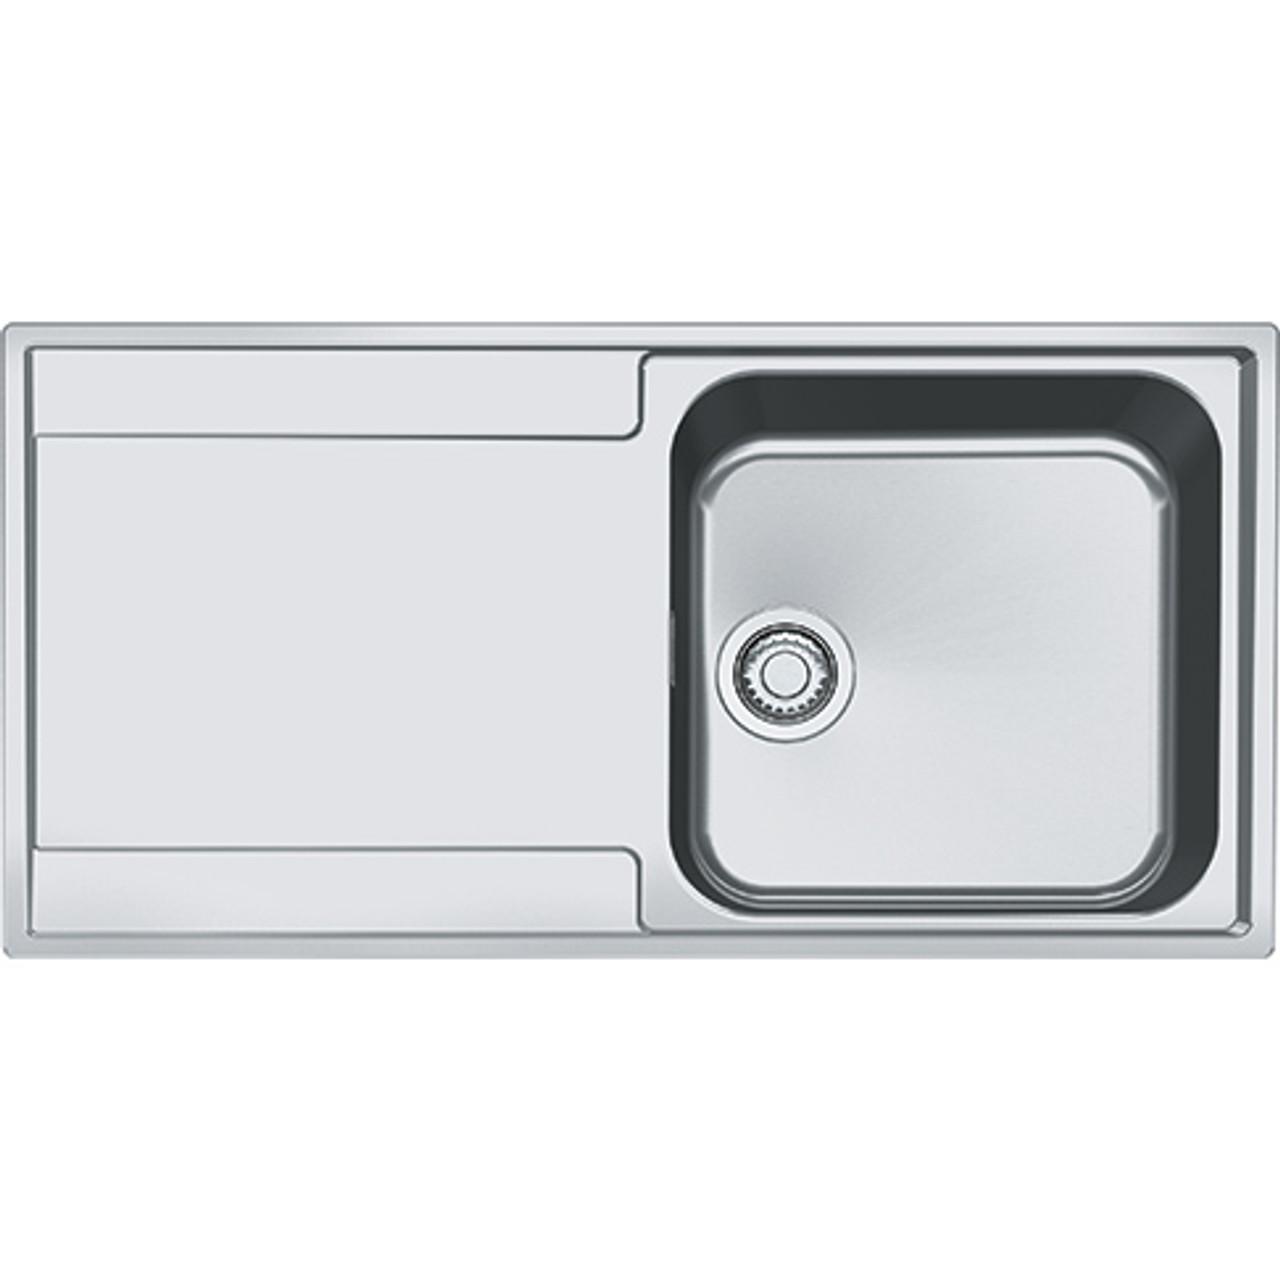 Franke Maris Mrx211 Stainless Steel Kitchen Sink Sinks